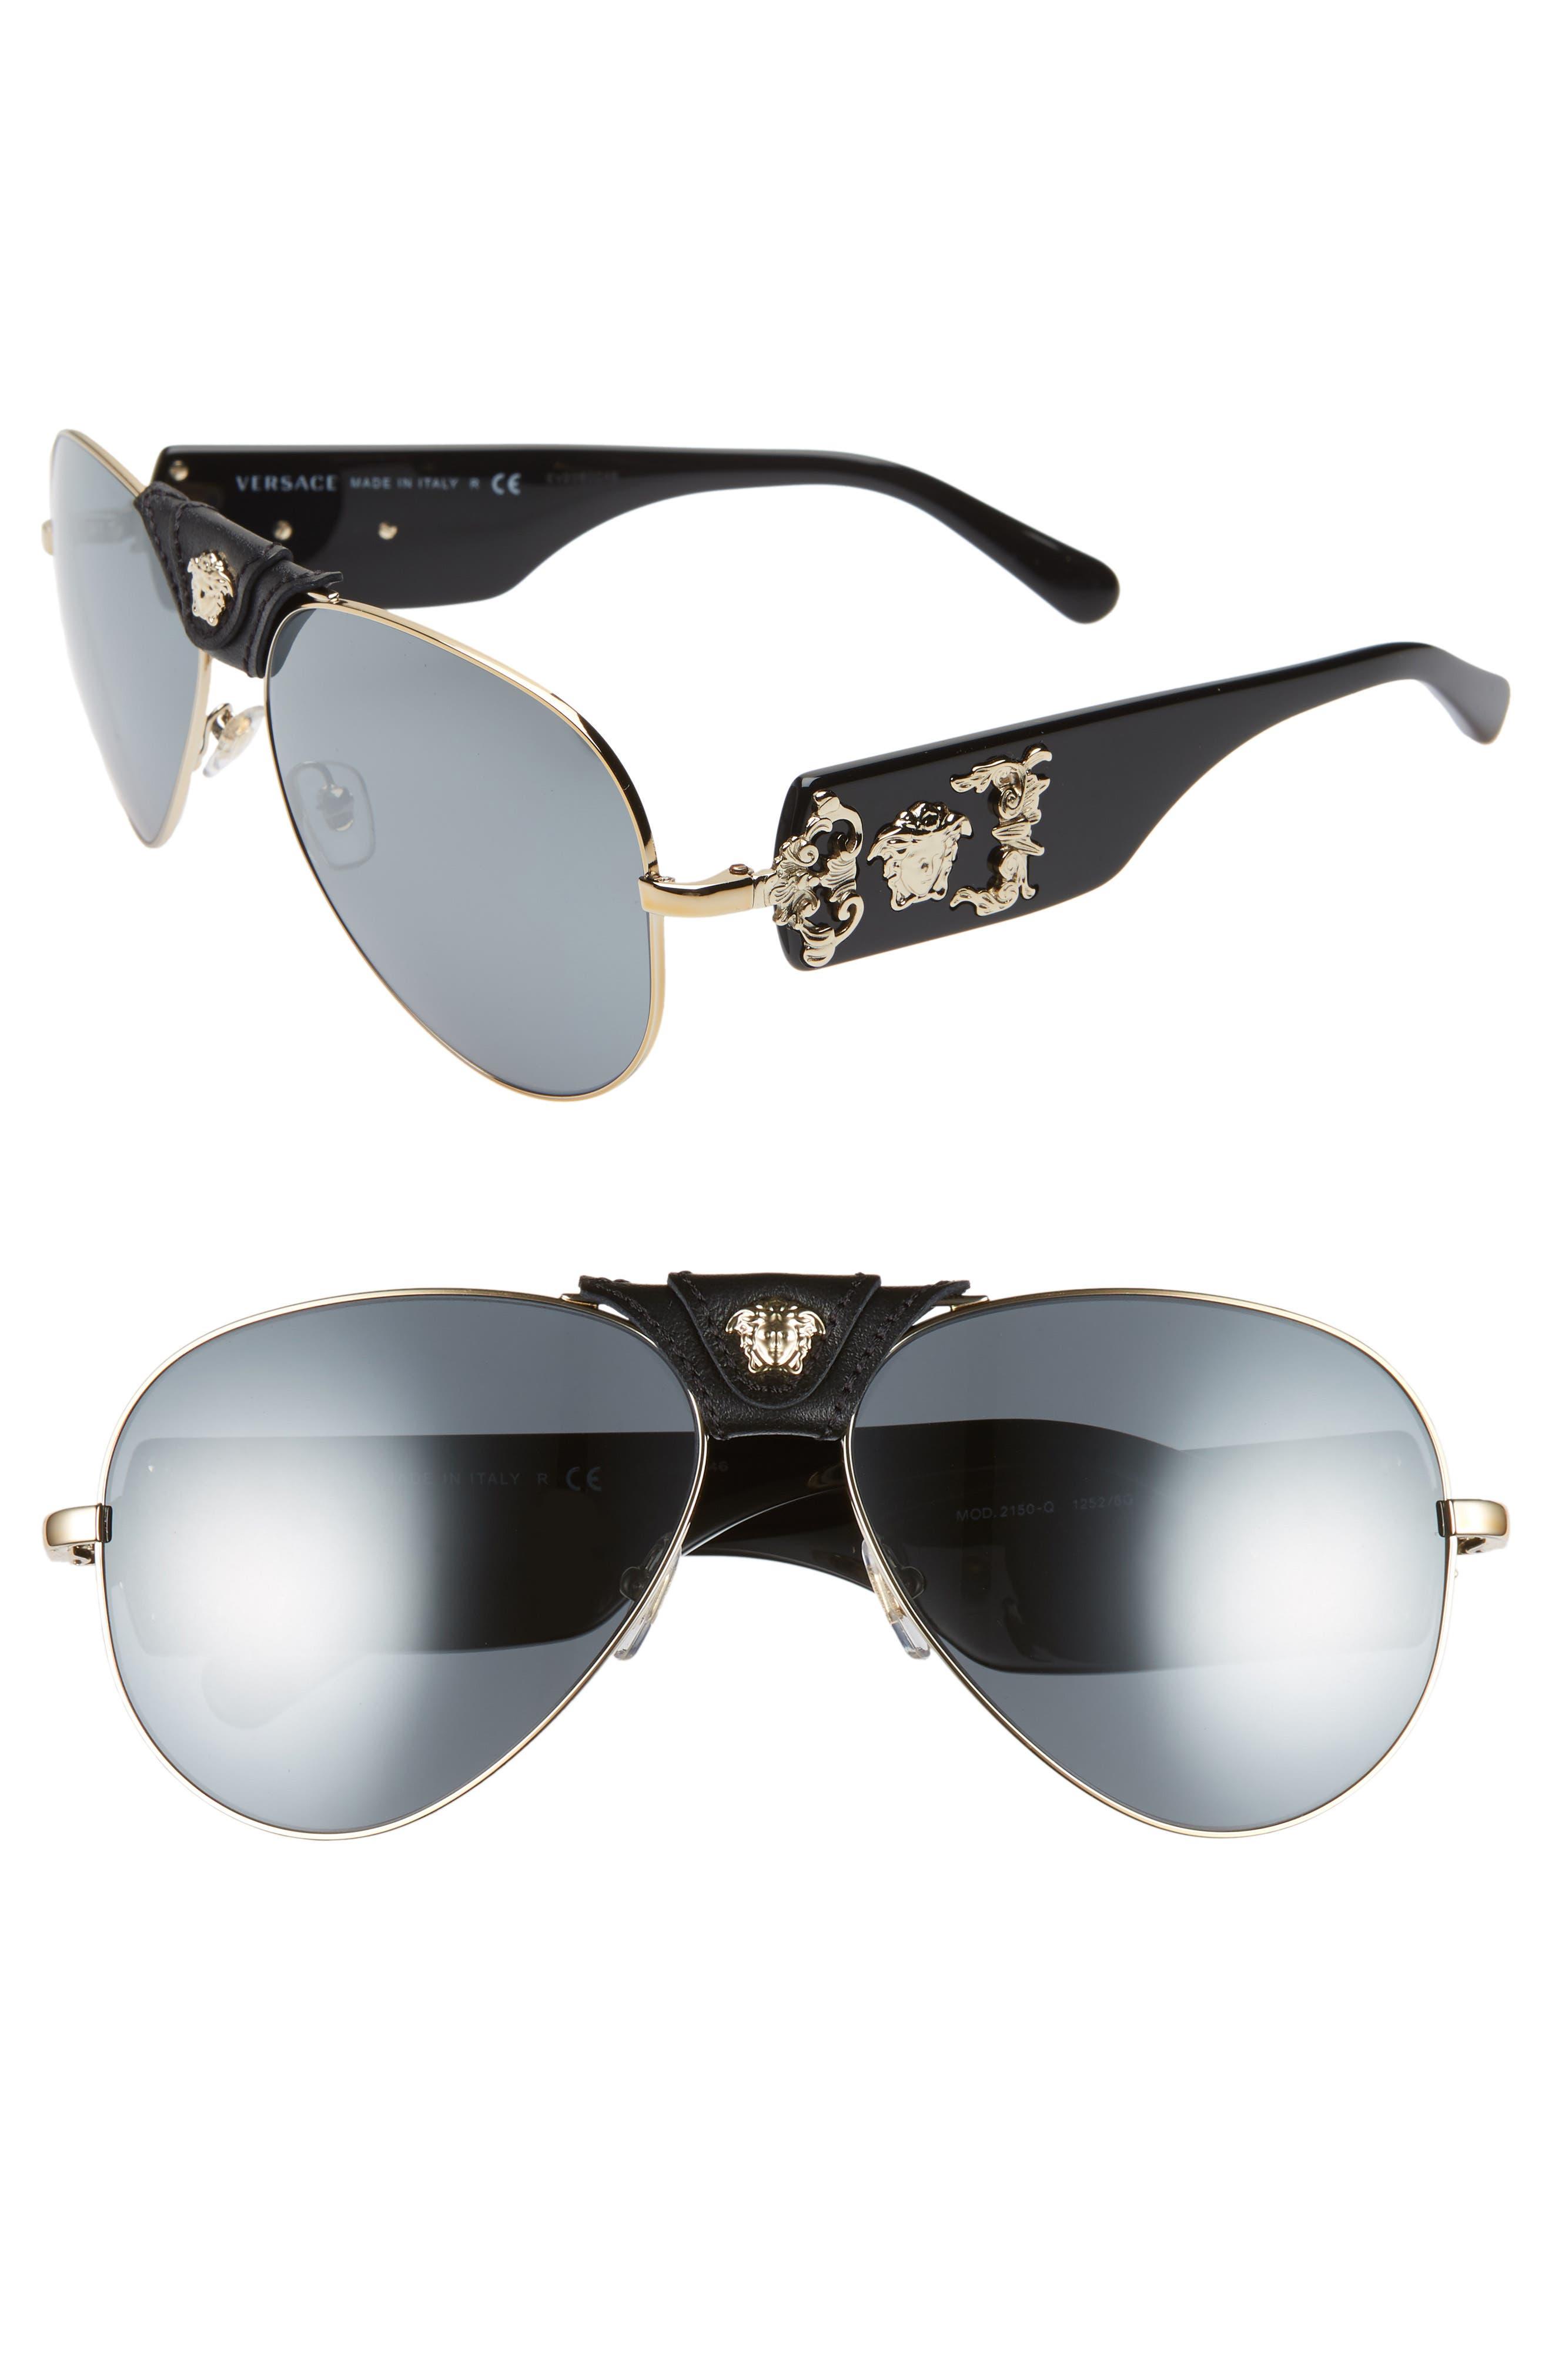 0d3701a234f Versace Sunglasses for Women